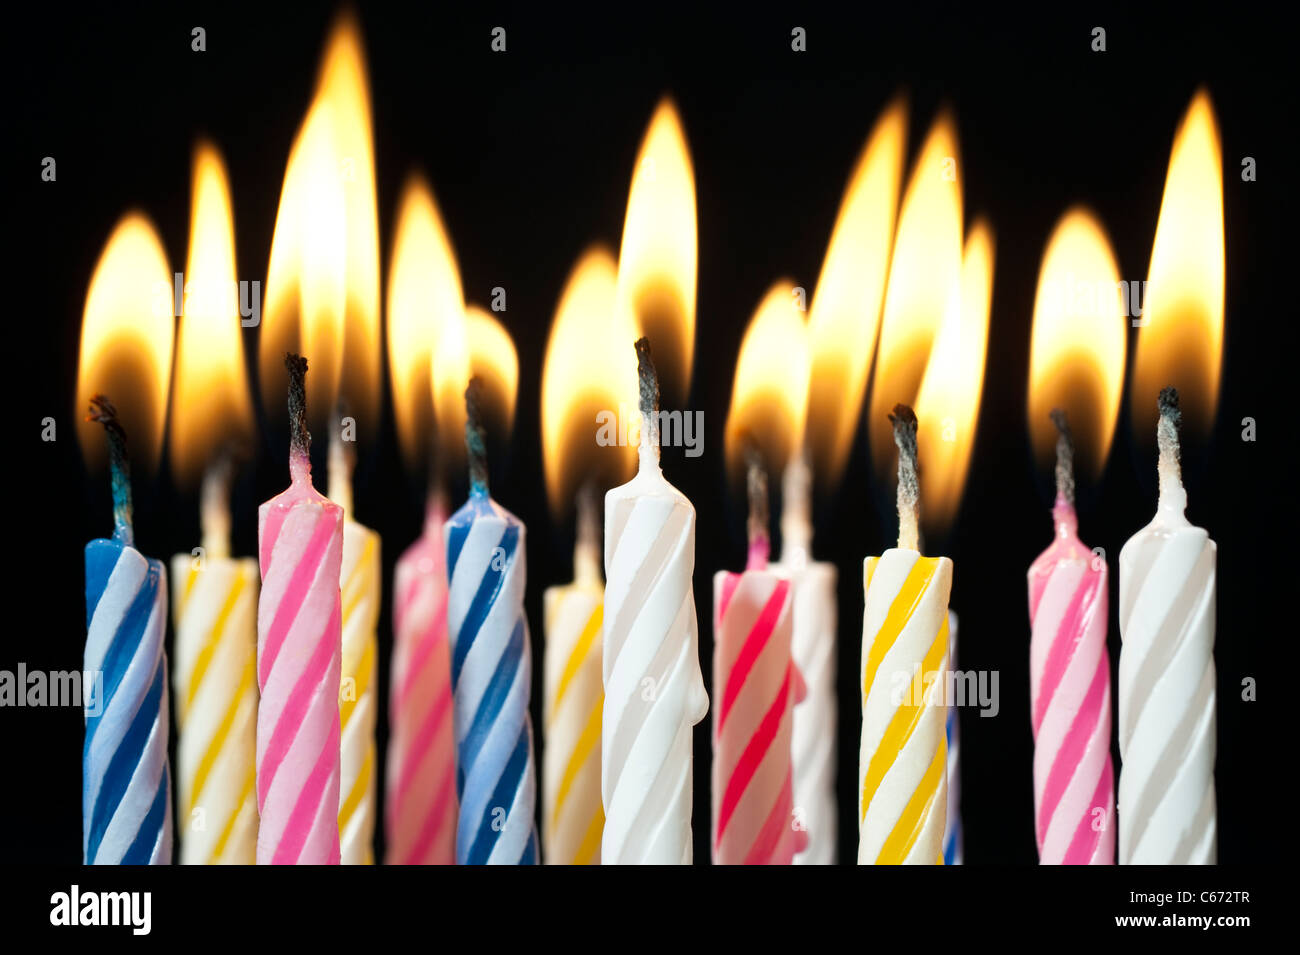 Surreales Bild Nahe Beleuchtet Mehrere Sussigkeiten Farbigen Geburtstagskerzen Stockbild